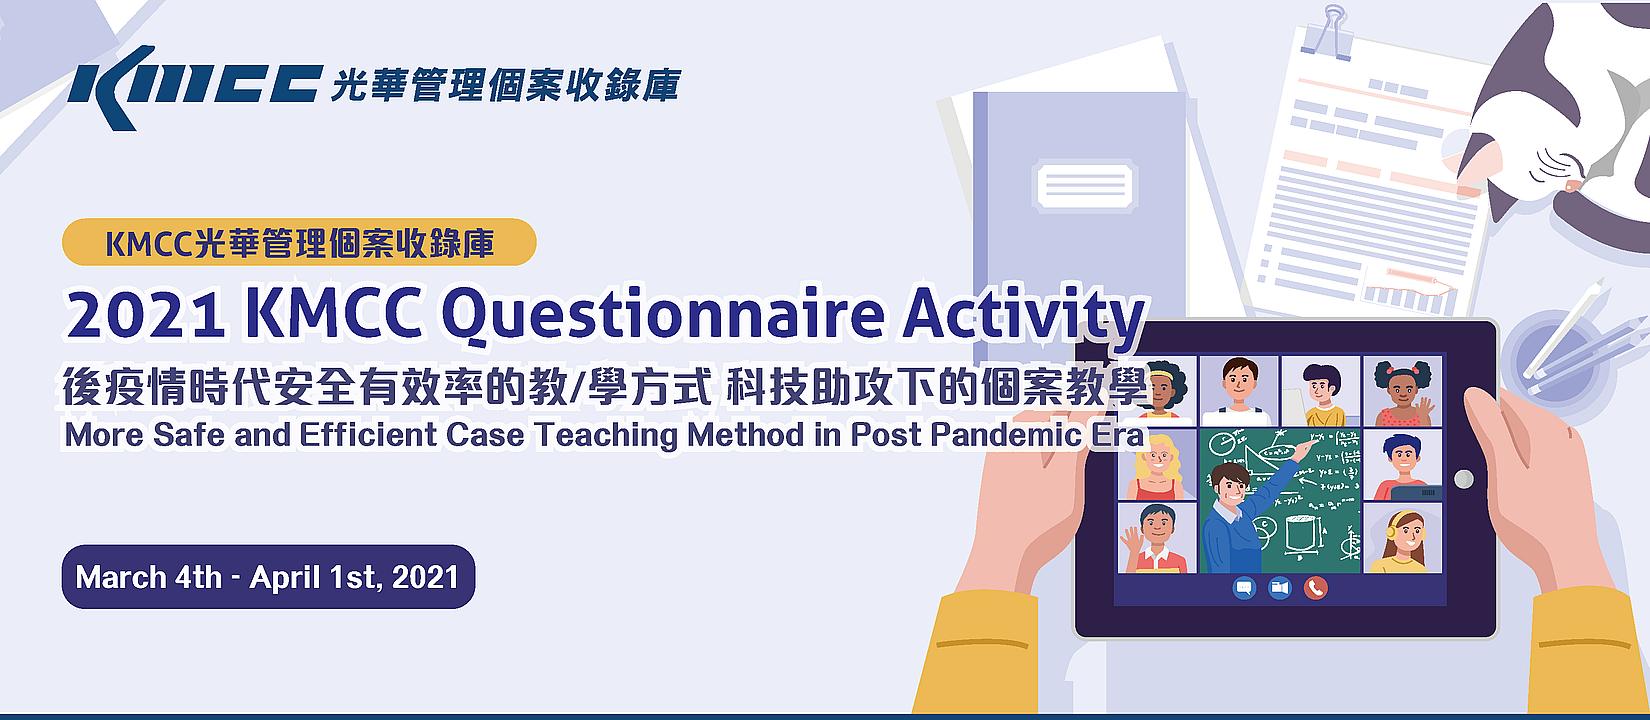 2021 KMCC Questionnaire Activity 光華管理個案收錄庫問卷調查活動